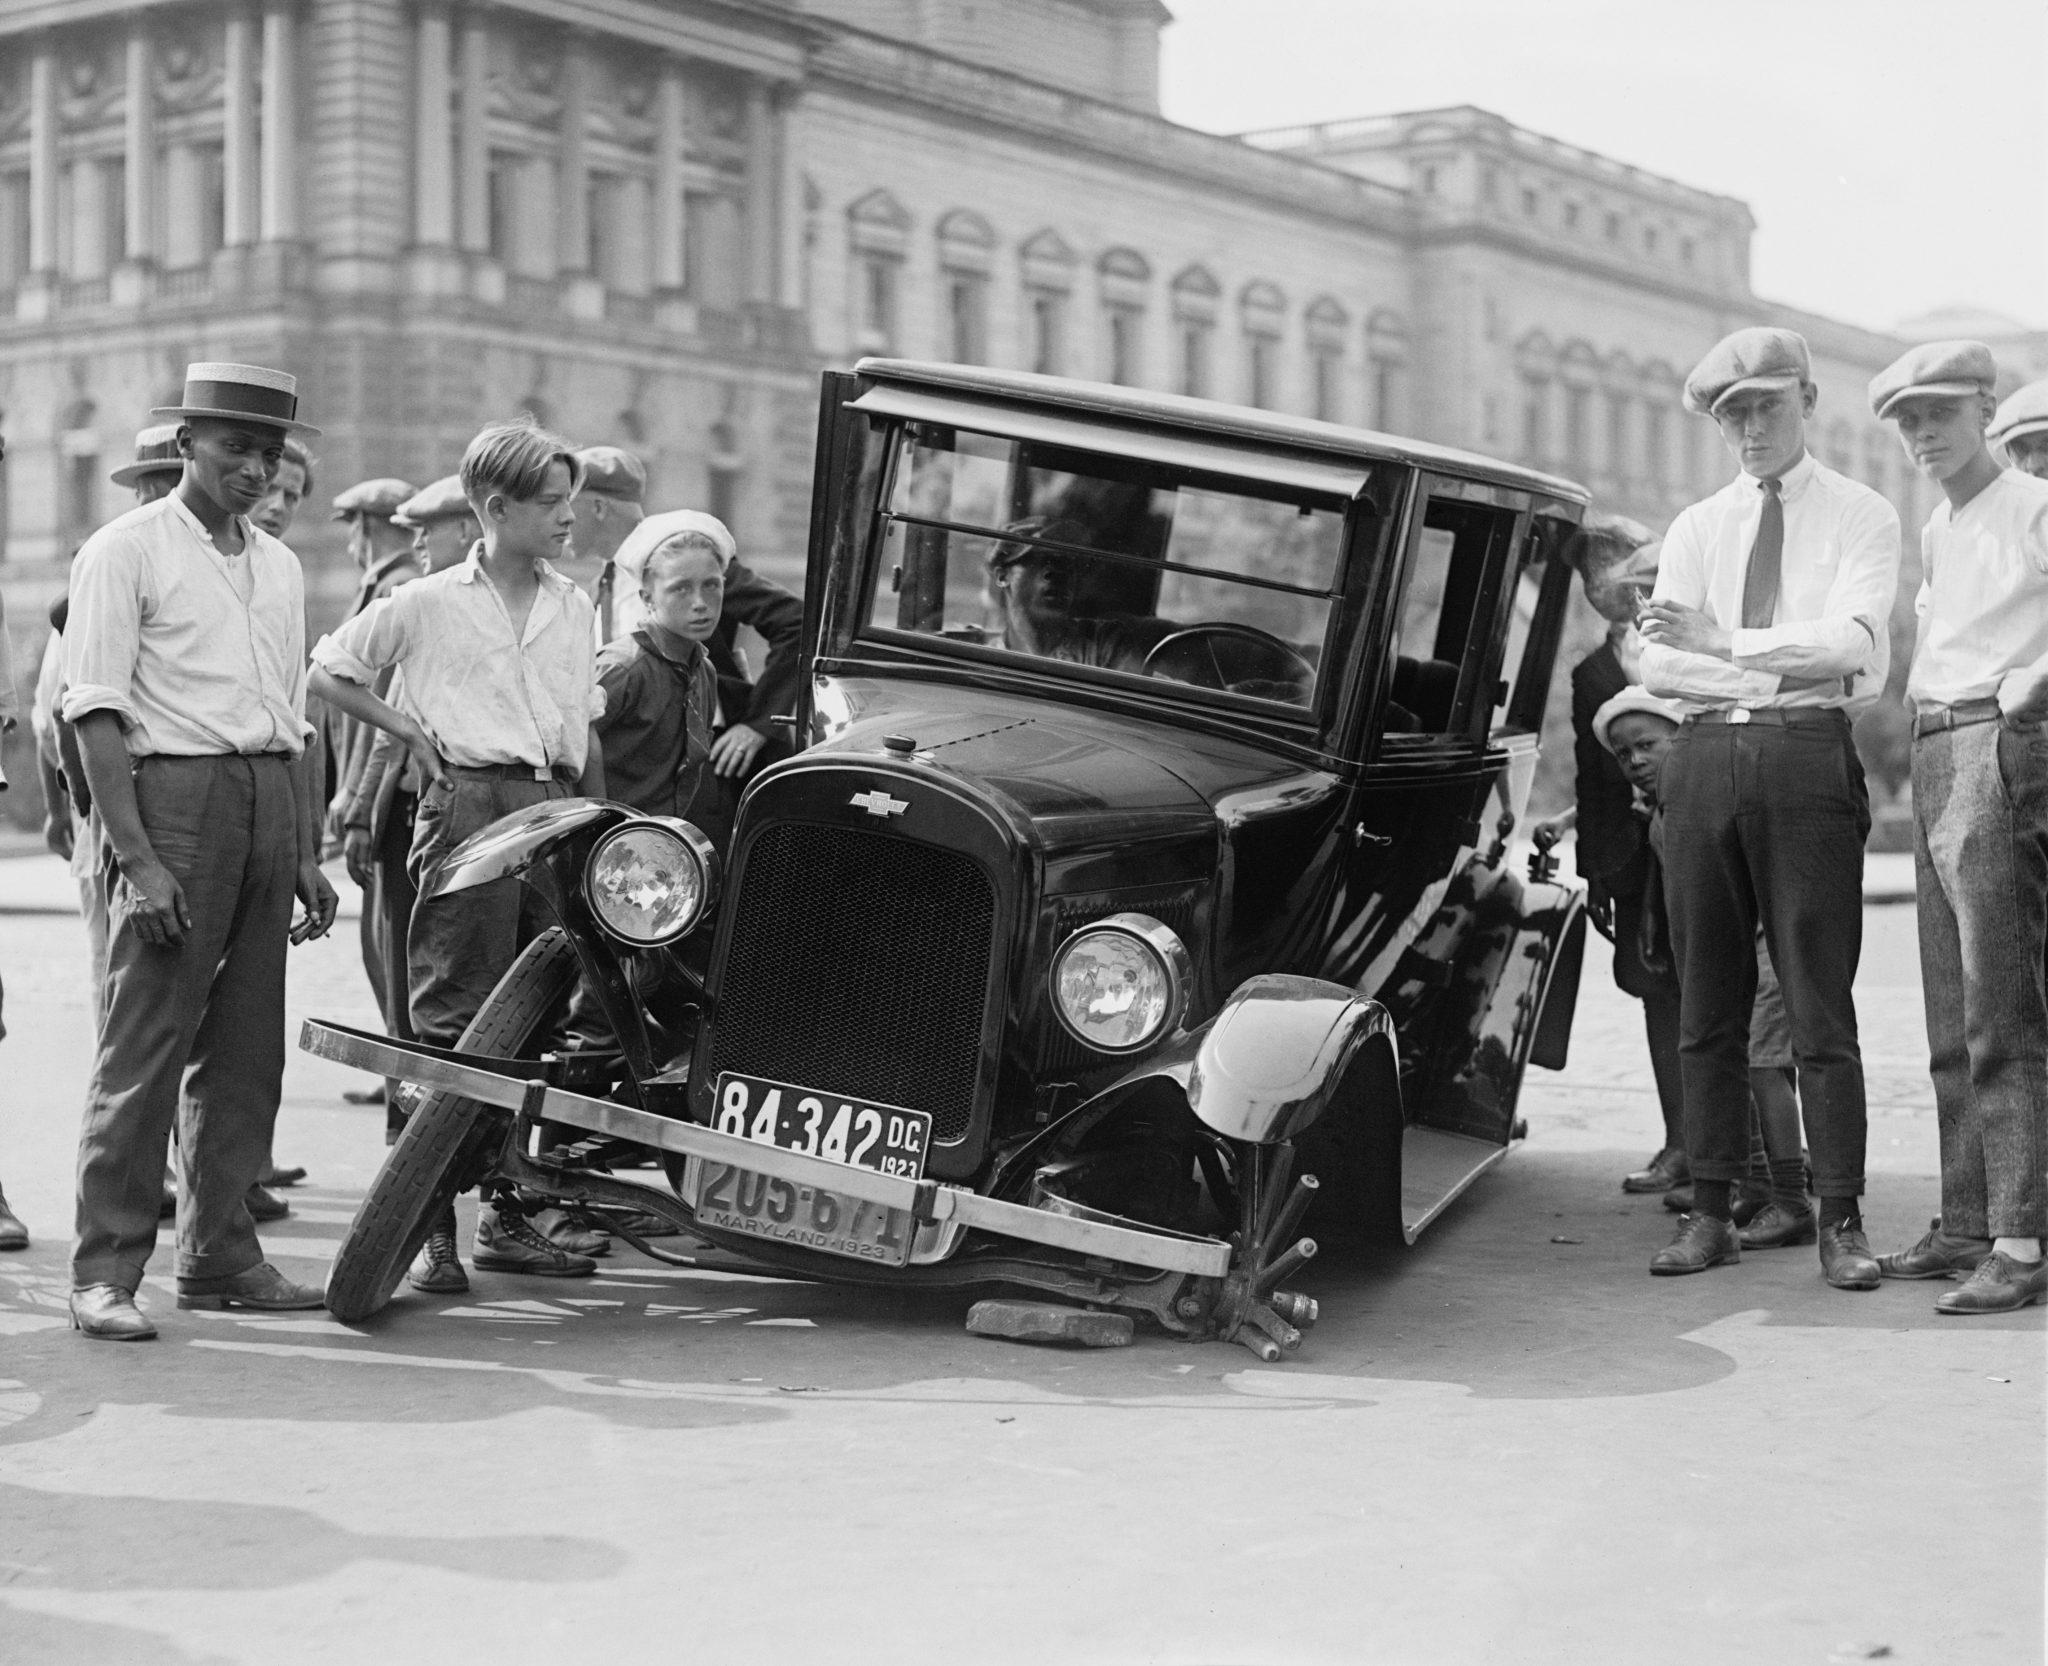 Oude foto met mensen die om een auto staan